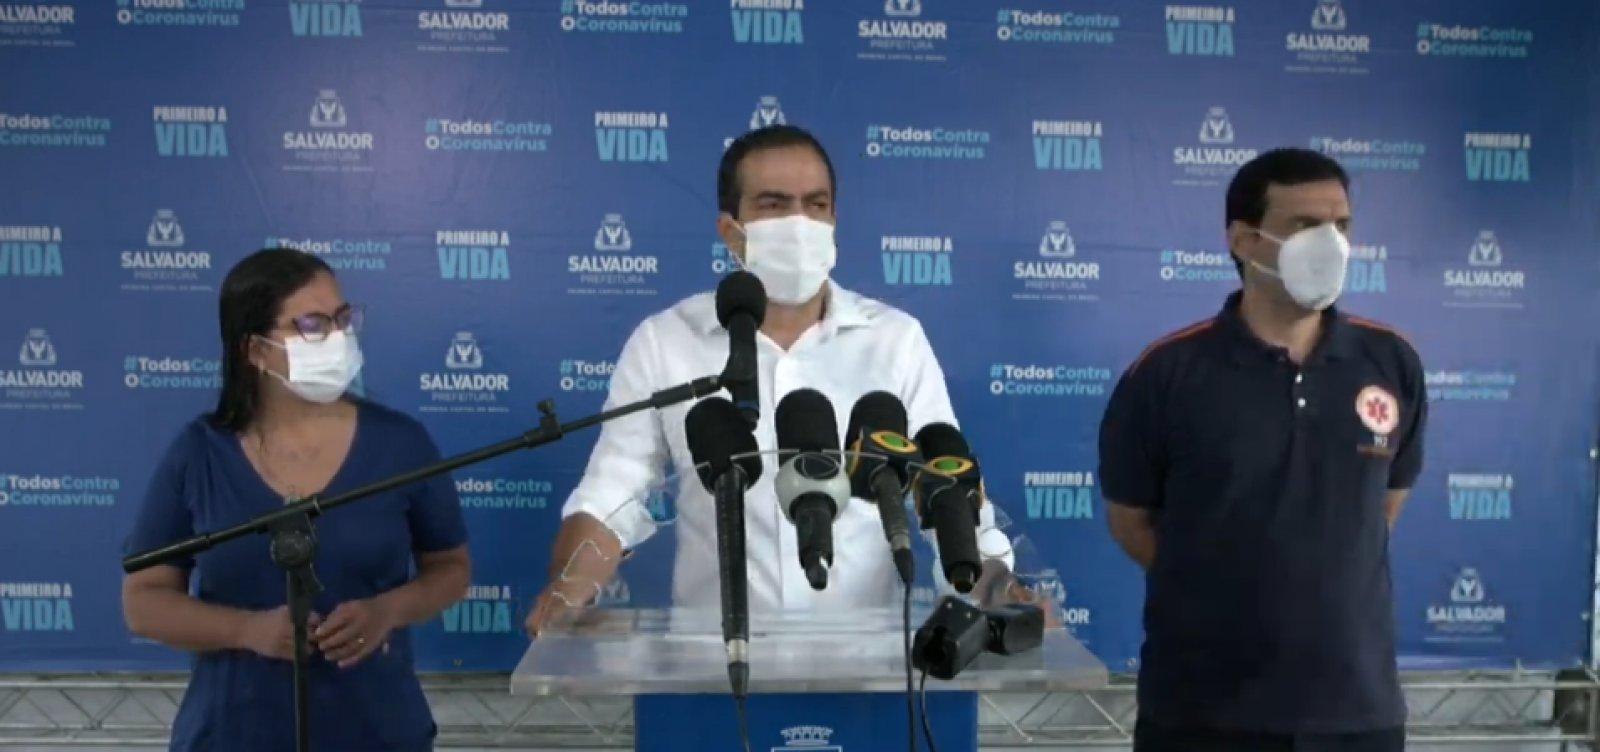 Covid-19: prefeito diz não ver necessidade de reabrir hospital de campanha do Wet N' Wild